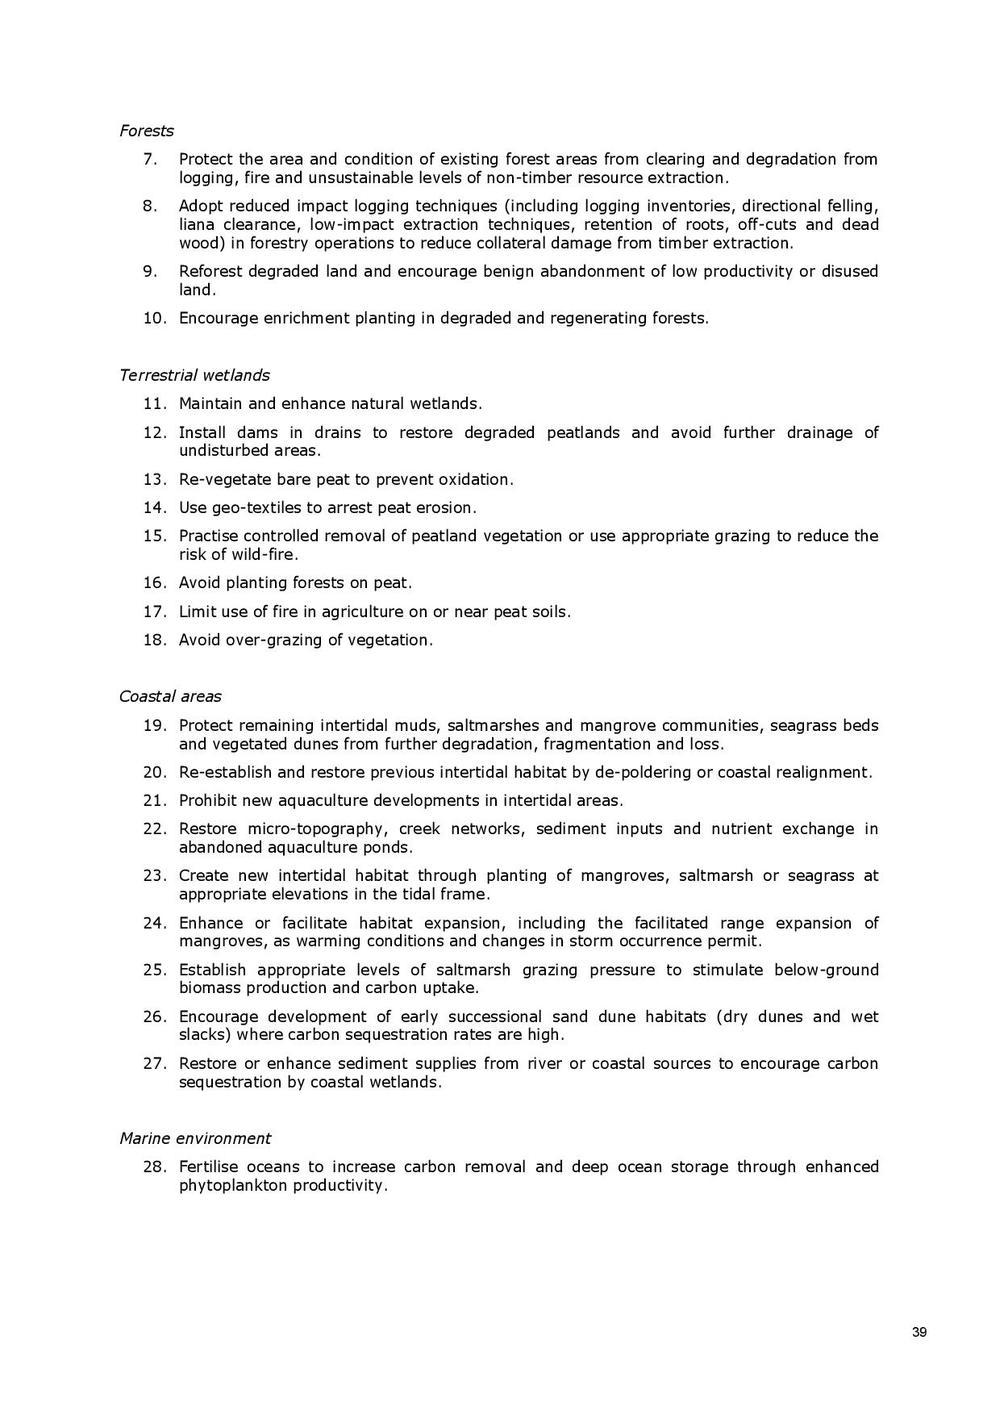 DG RTD_WEB-Publication A4_NBS_long_version_20150310-page-041.jpg